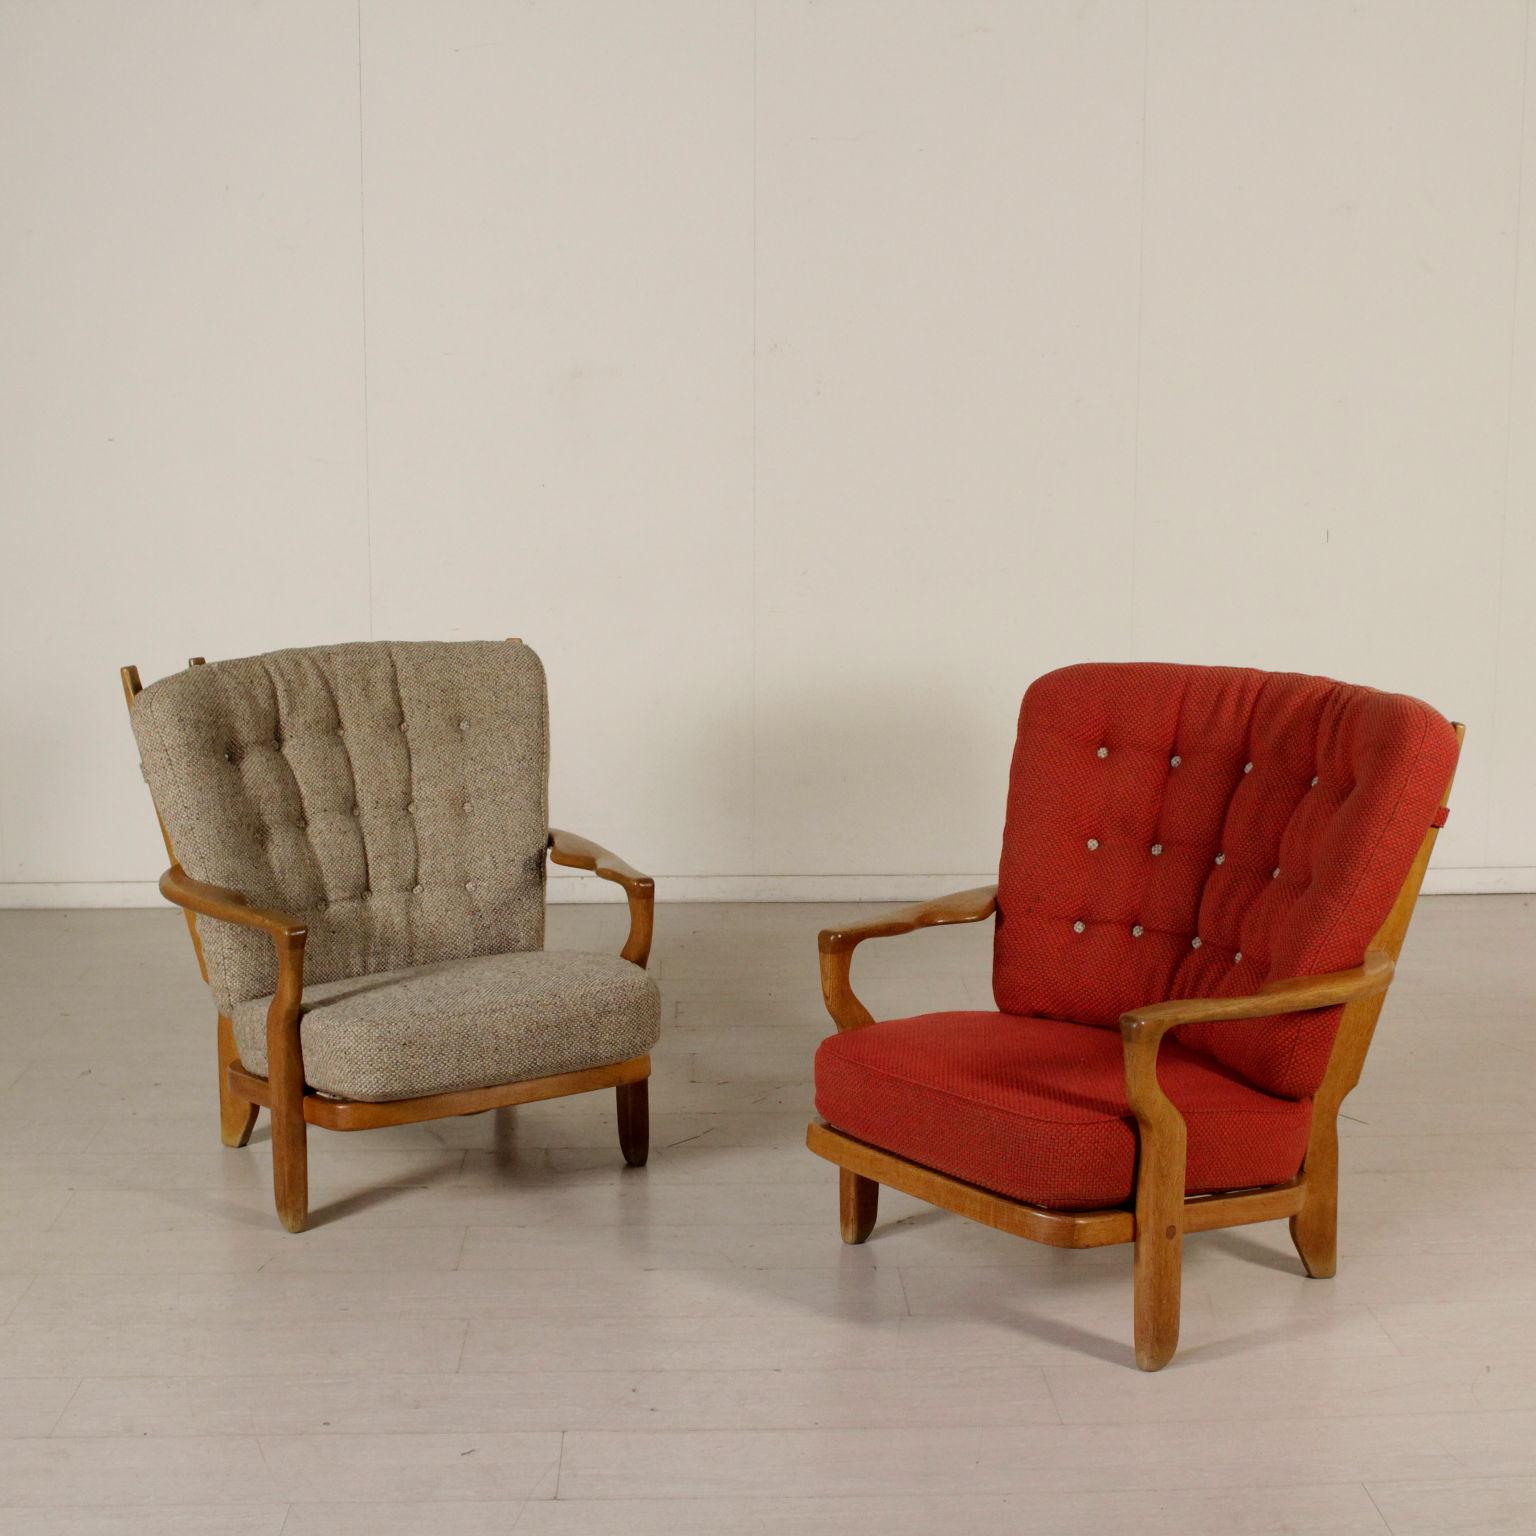 poltrone attribuibili a guillerme et chambron poltrone modernariato. Black Bedroom Furniture Sets. Home Design Ideas